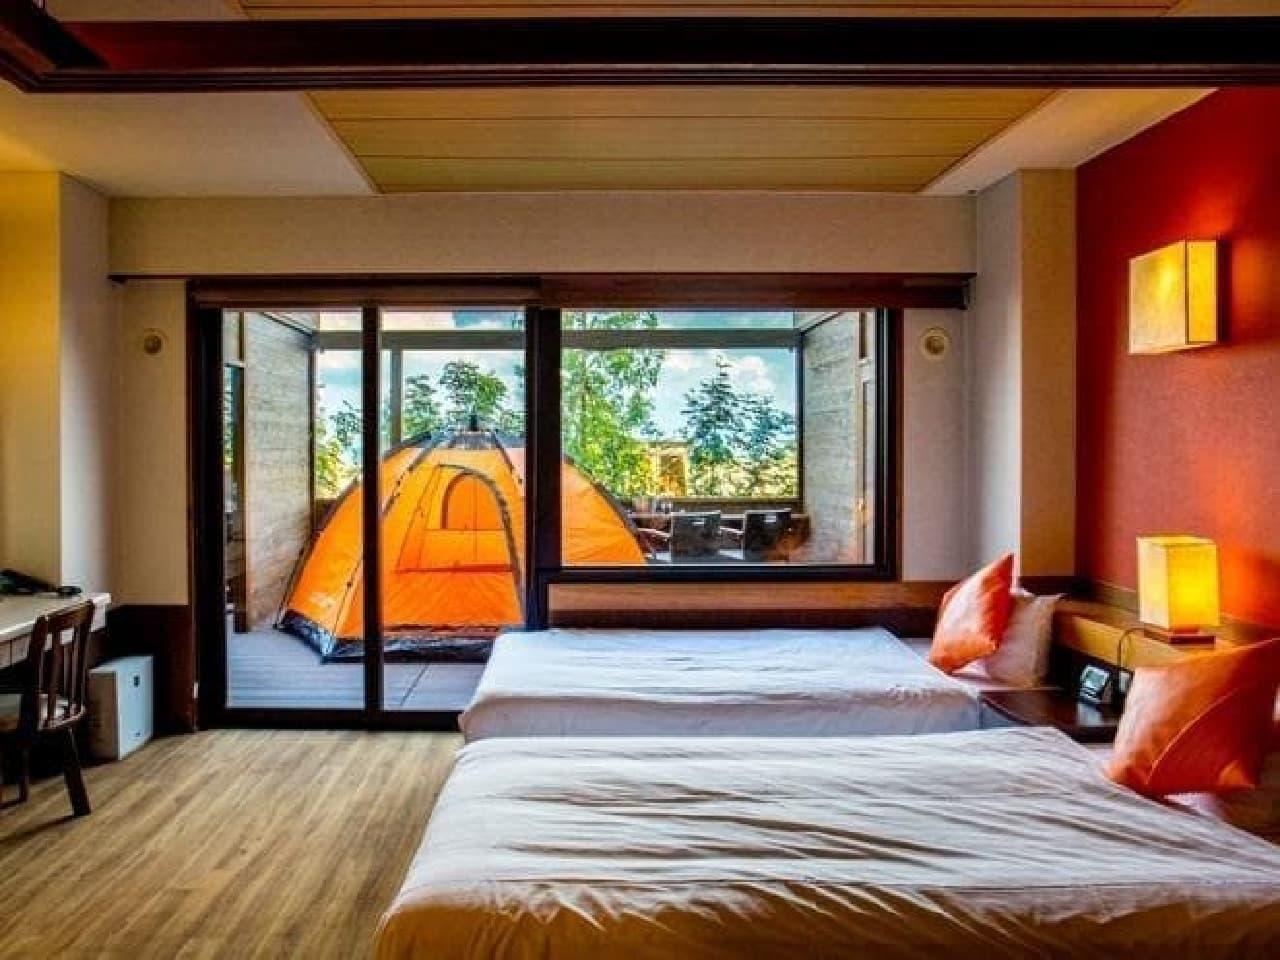 テントで寝ていても、旅館のトイレやシャワーを使用できる